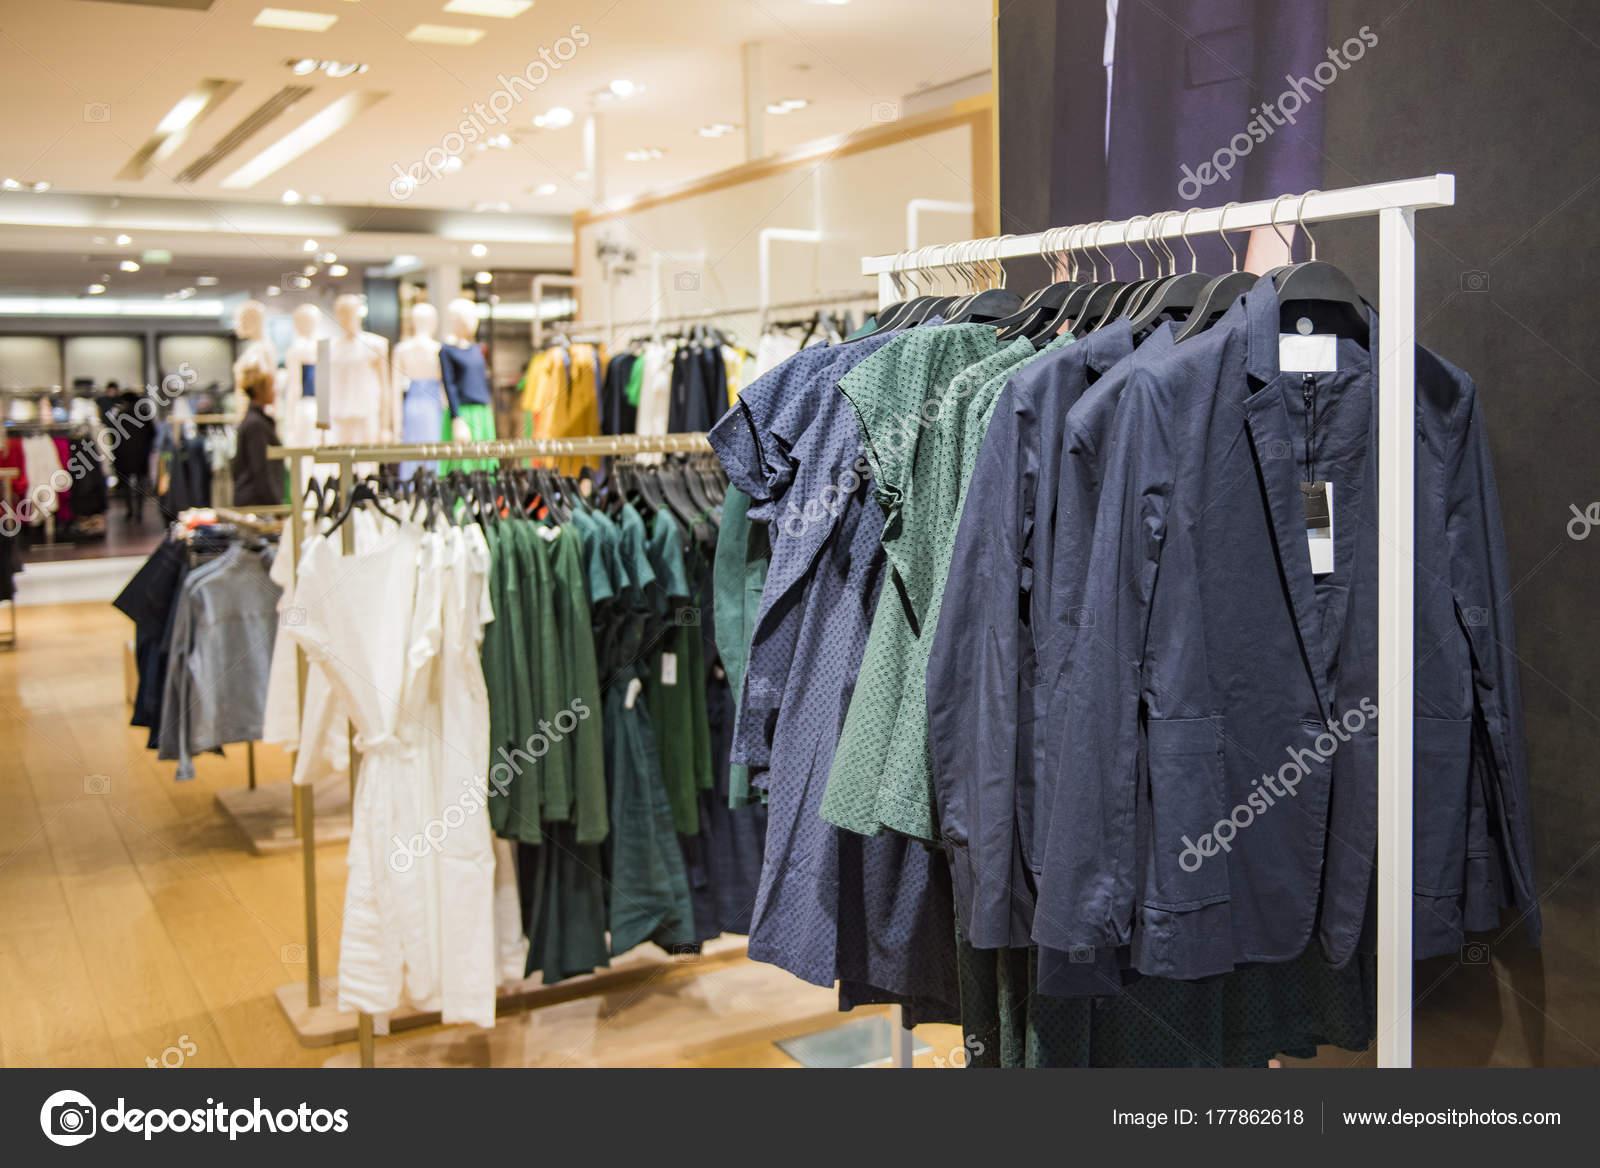 new styles ddb0f e4cea Negozio Abbigliamento Donna Parigi — Foto Stock ...